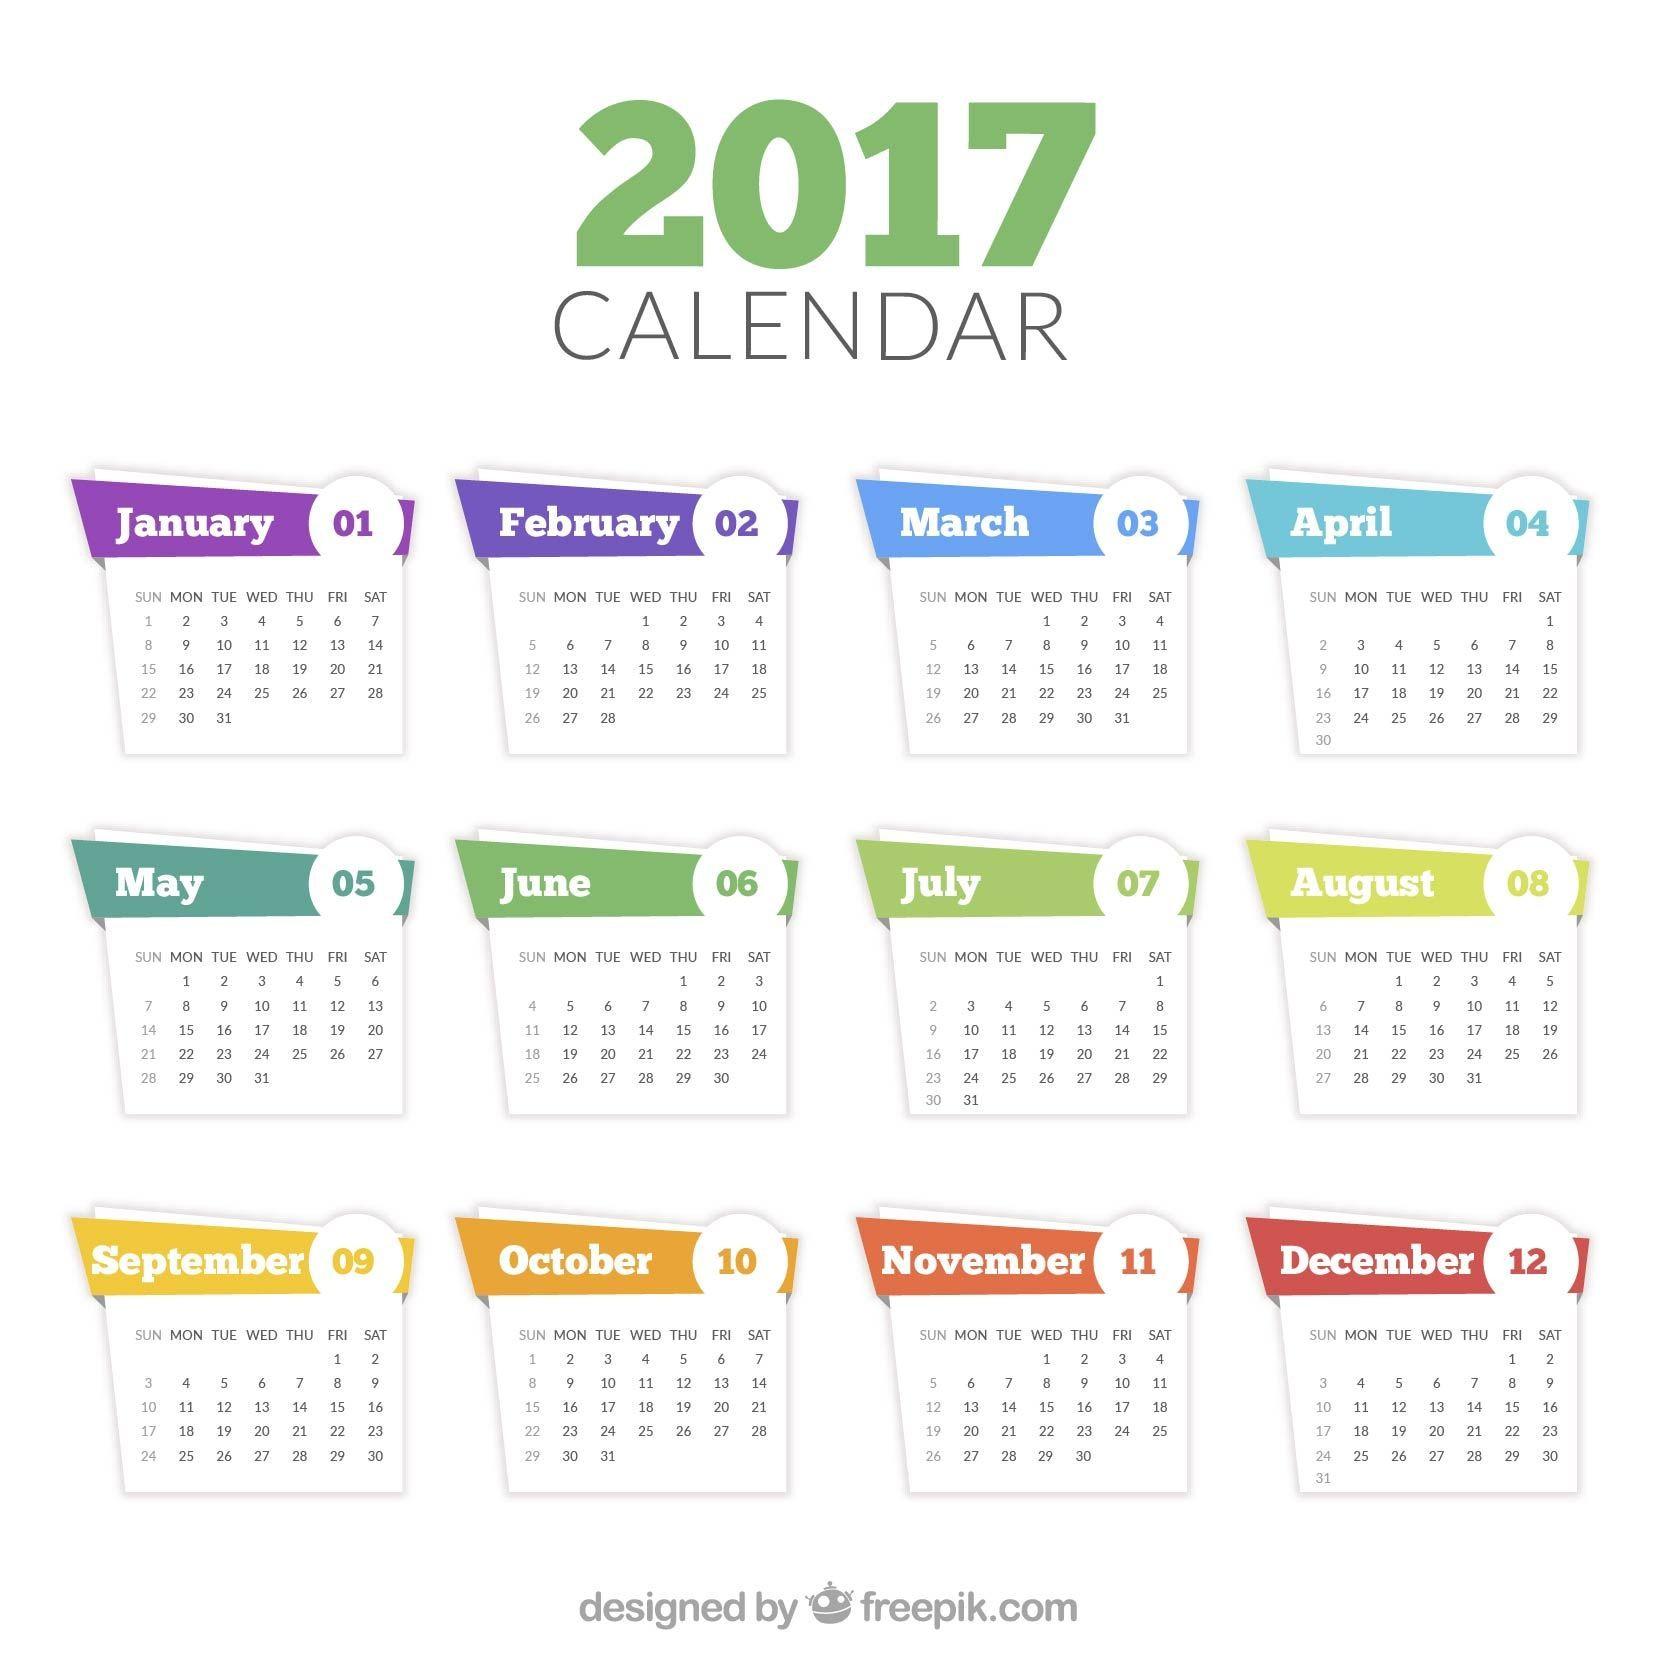 Calendario 2019 Indesign Más Populares Calendar Template Vector Free Of Calendario 2019 Indesign Mejores Y Más Novedosos Unique Calendars 2016 Half Page Calendar Template 2016 Unique